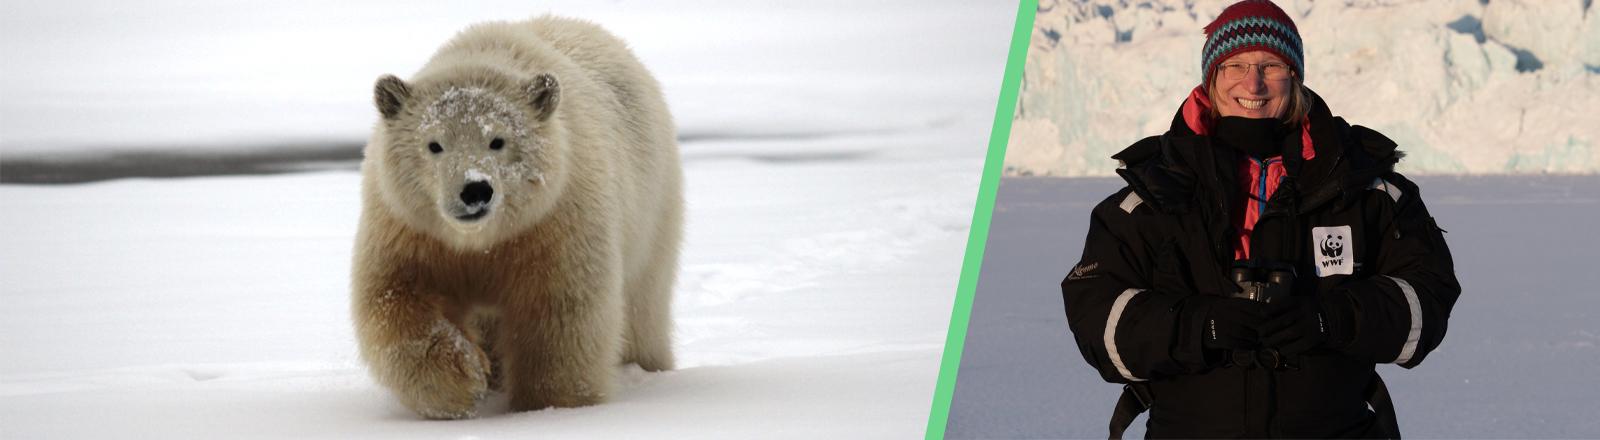 Collage: Foto links zeigt einen Eisbären in der Arktis; Foto rechts zeigt Sybille Klenzendorf ebenfalls in der Arktis, mit Mütze und dicker Winterjacke